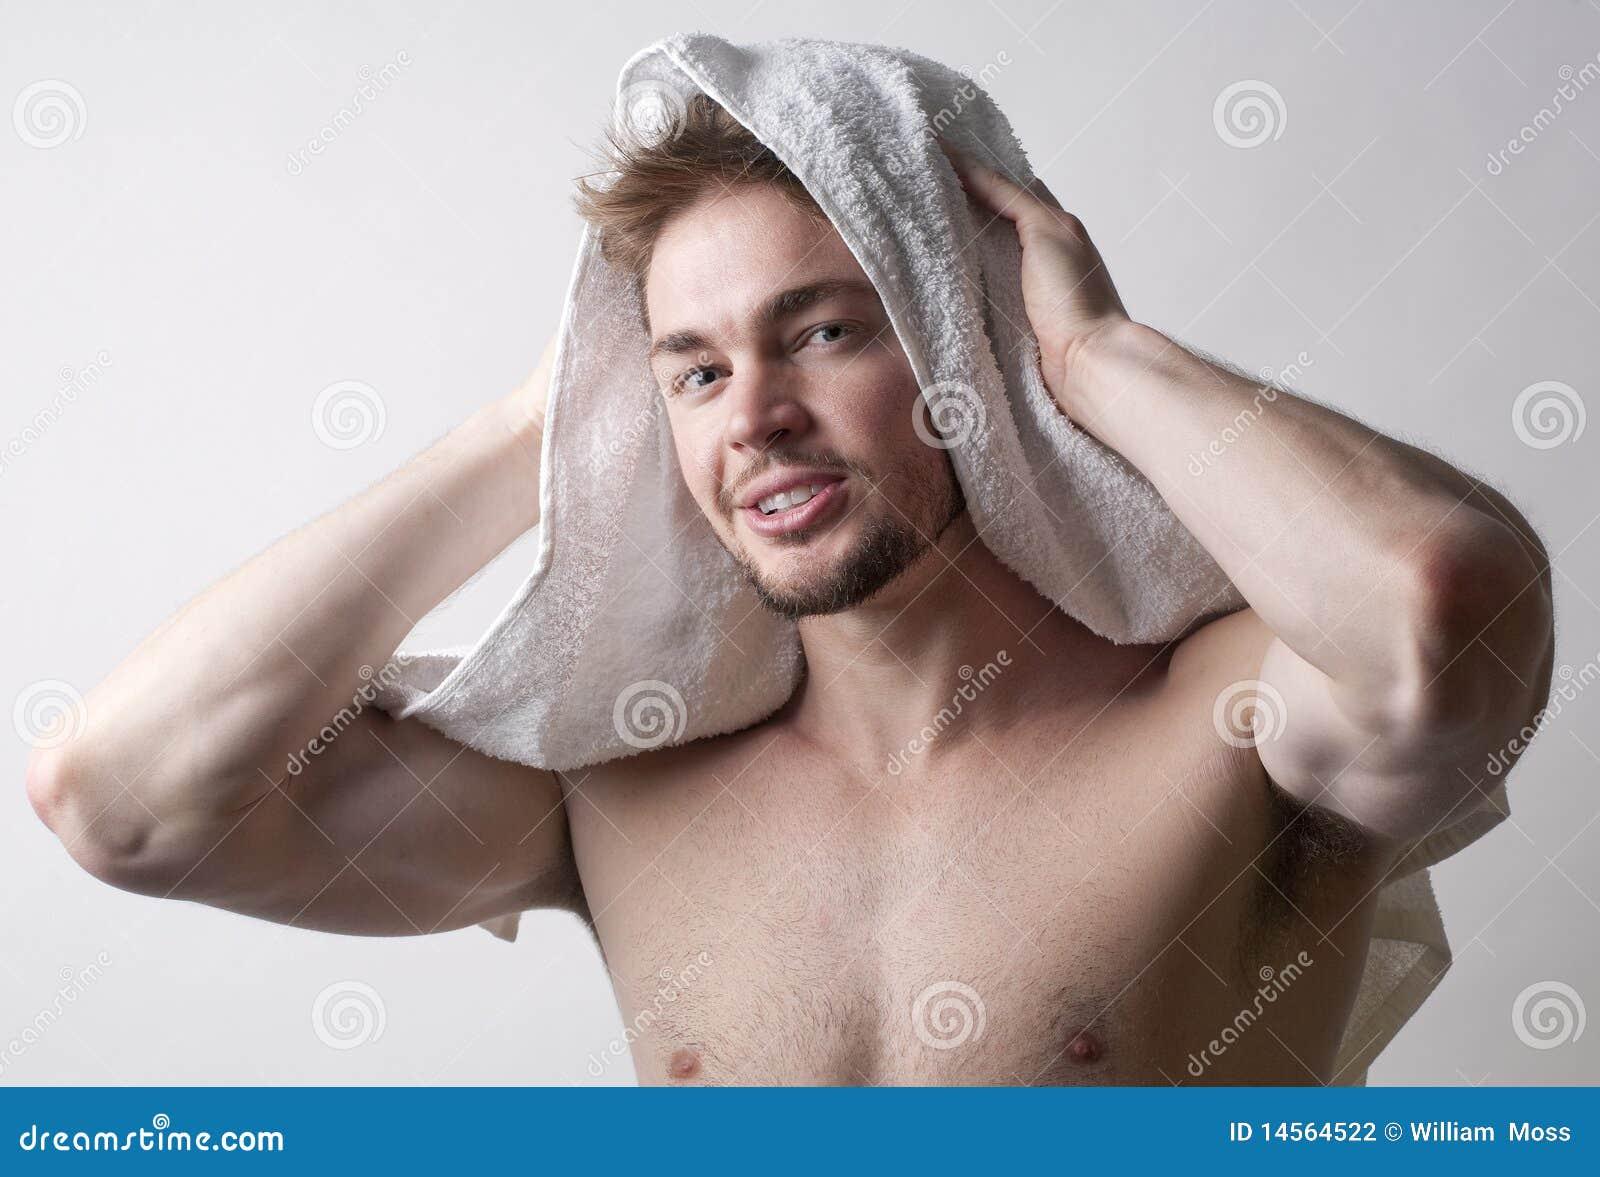 Έφηβος γυμνό στήθος έφηβος παίρνει μεγάλο καβλί